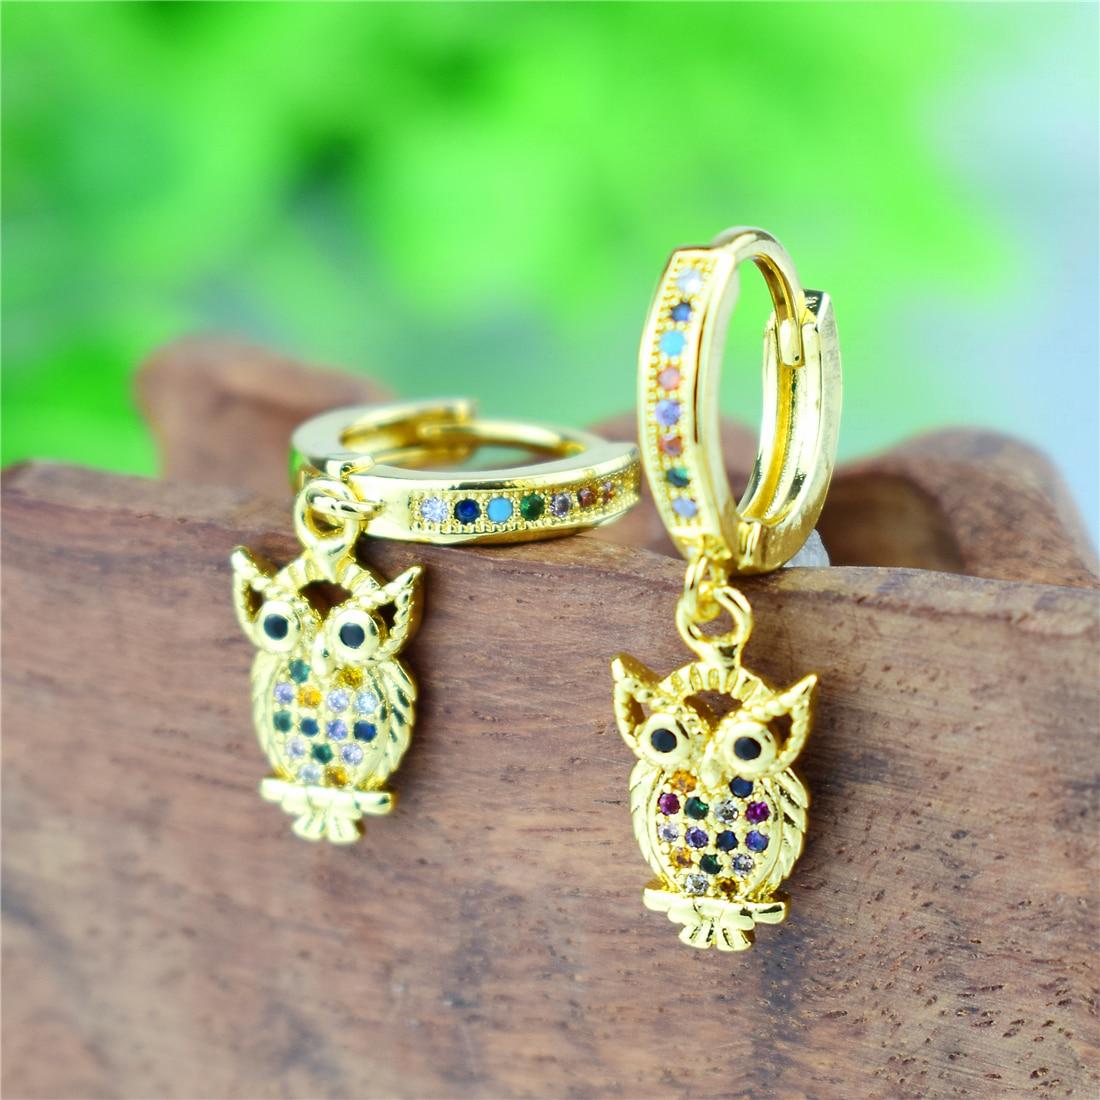 2020 Golden Exquisite Owl Zircon Earring for Women Rainbow AAA Zircon Crystal Drop Earring Daily Pendant Birthday Gift Present